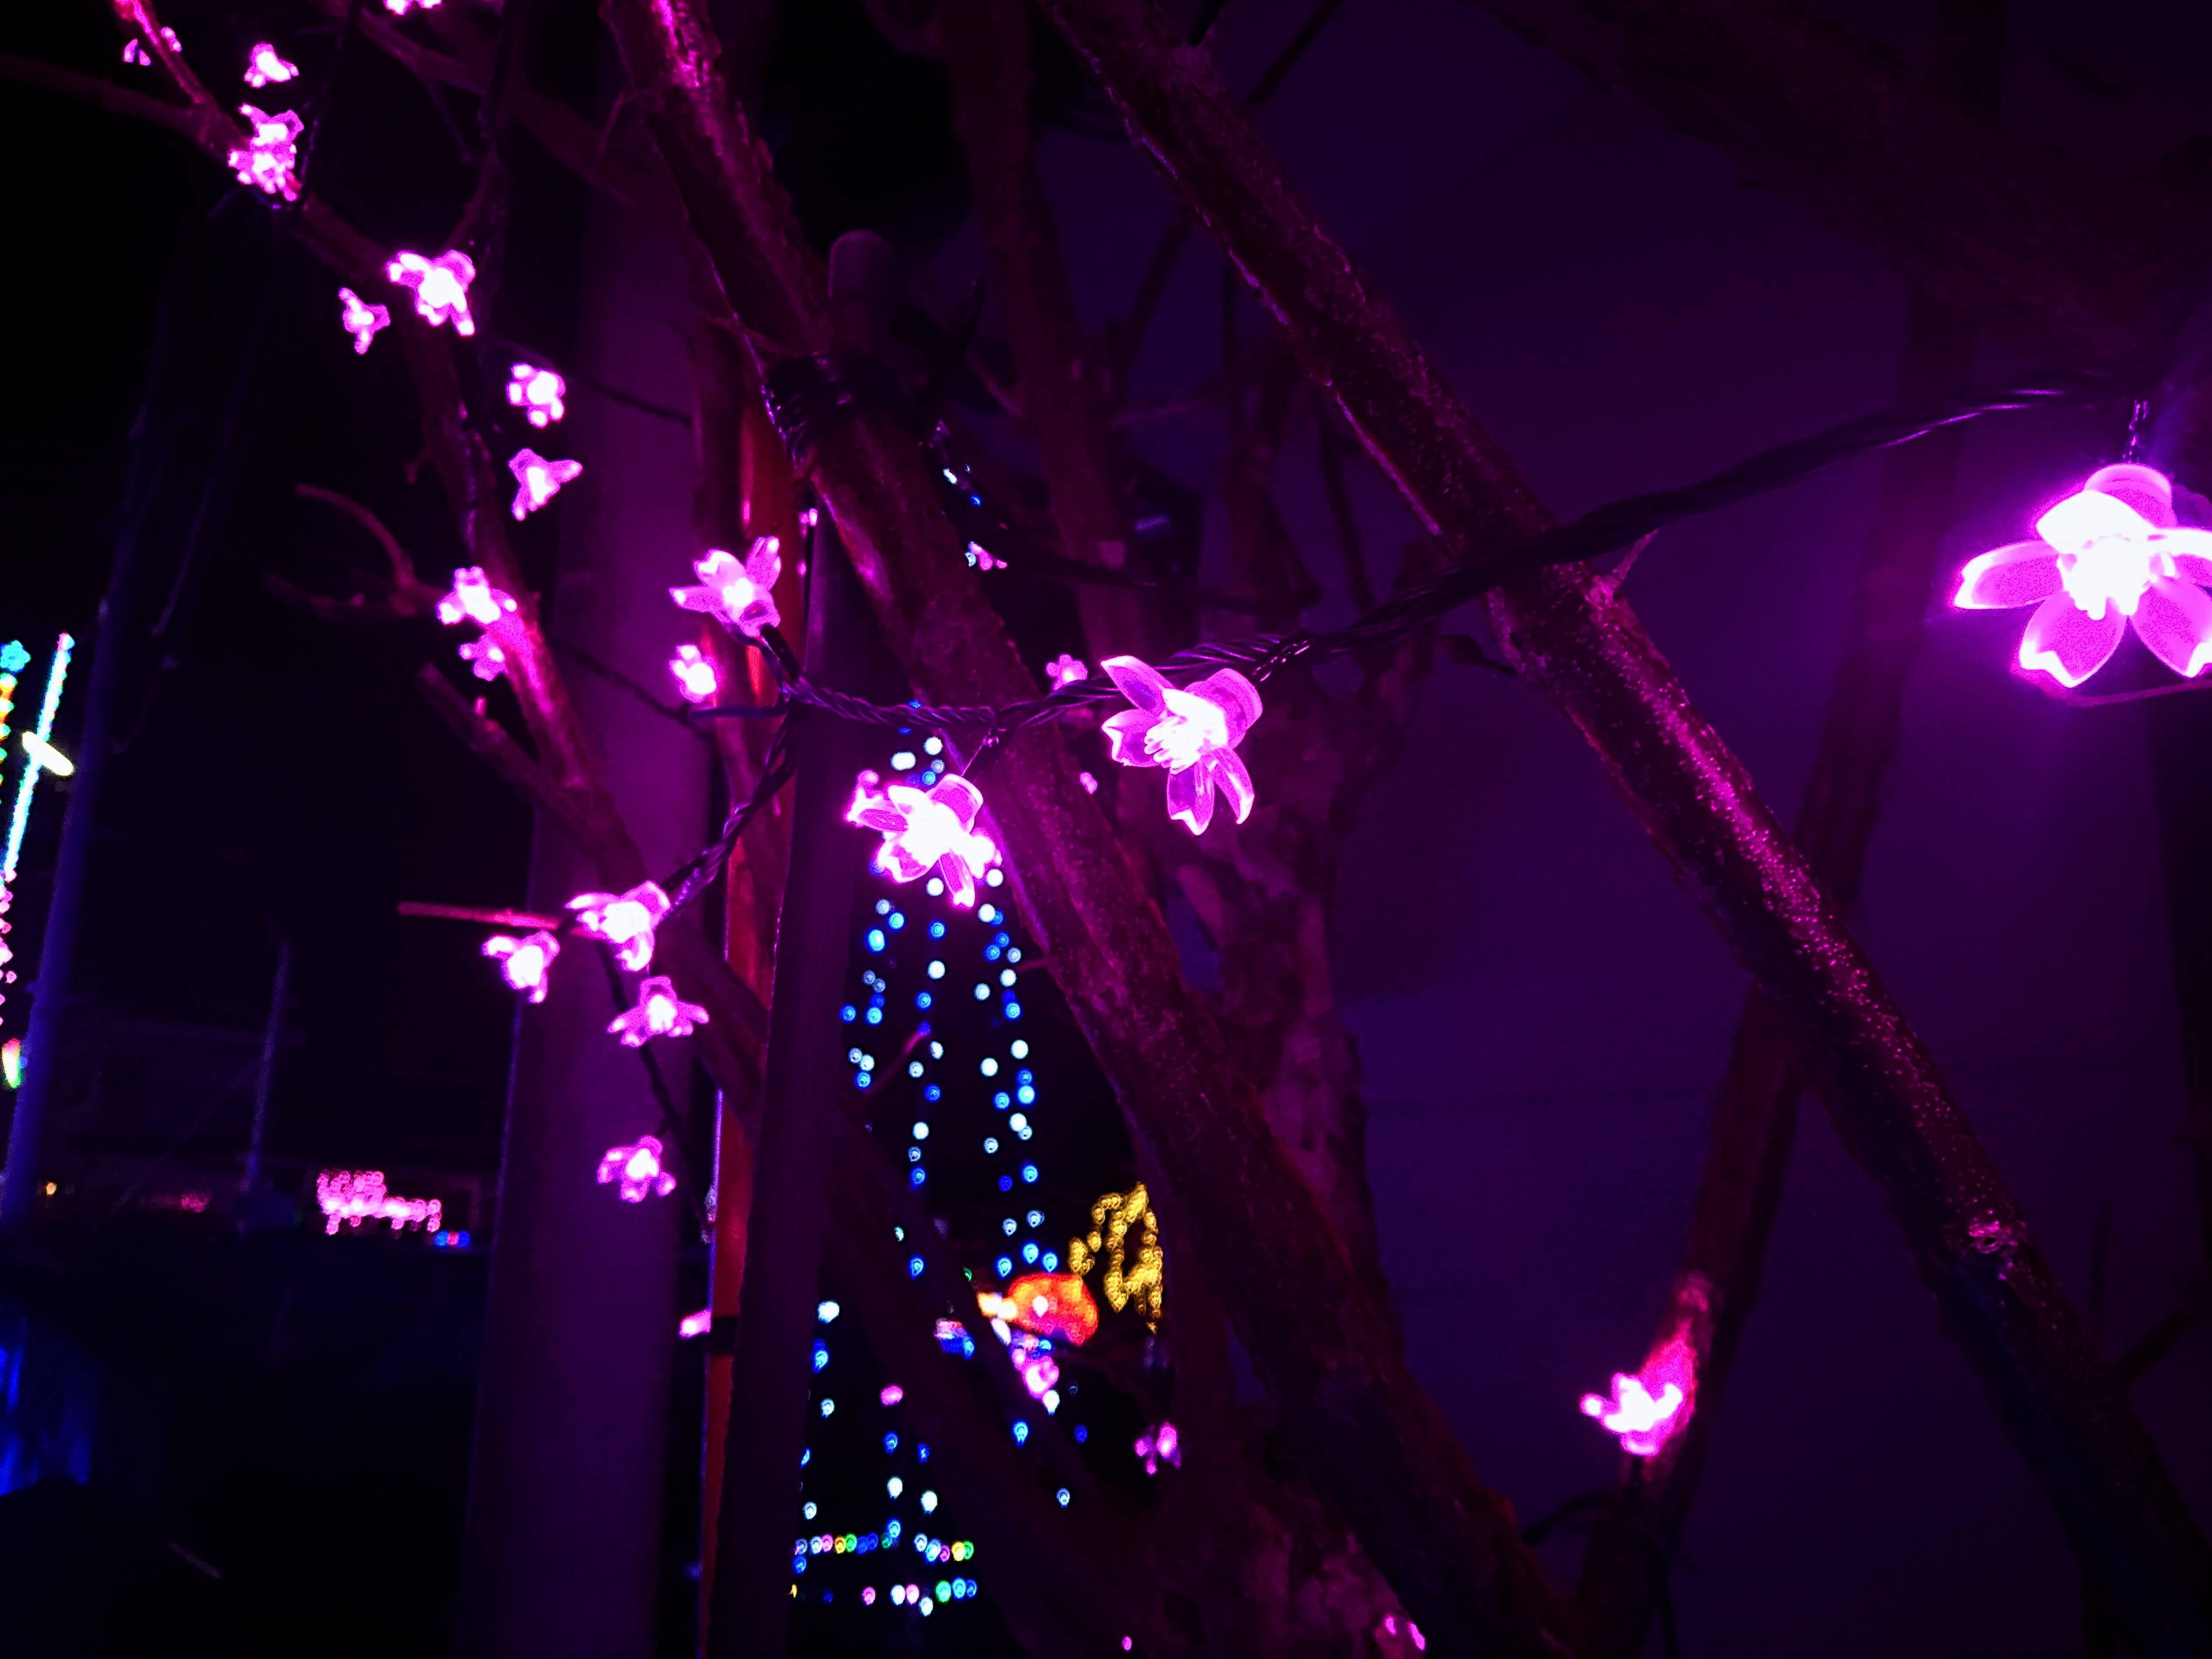 桜のイルミネーション